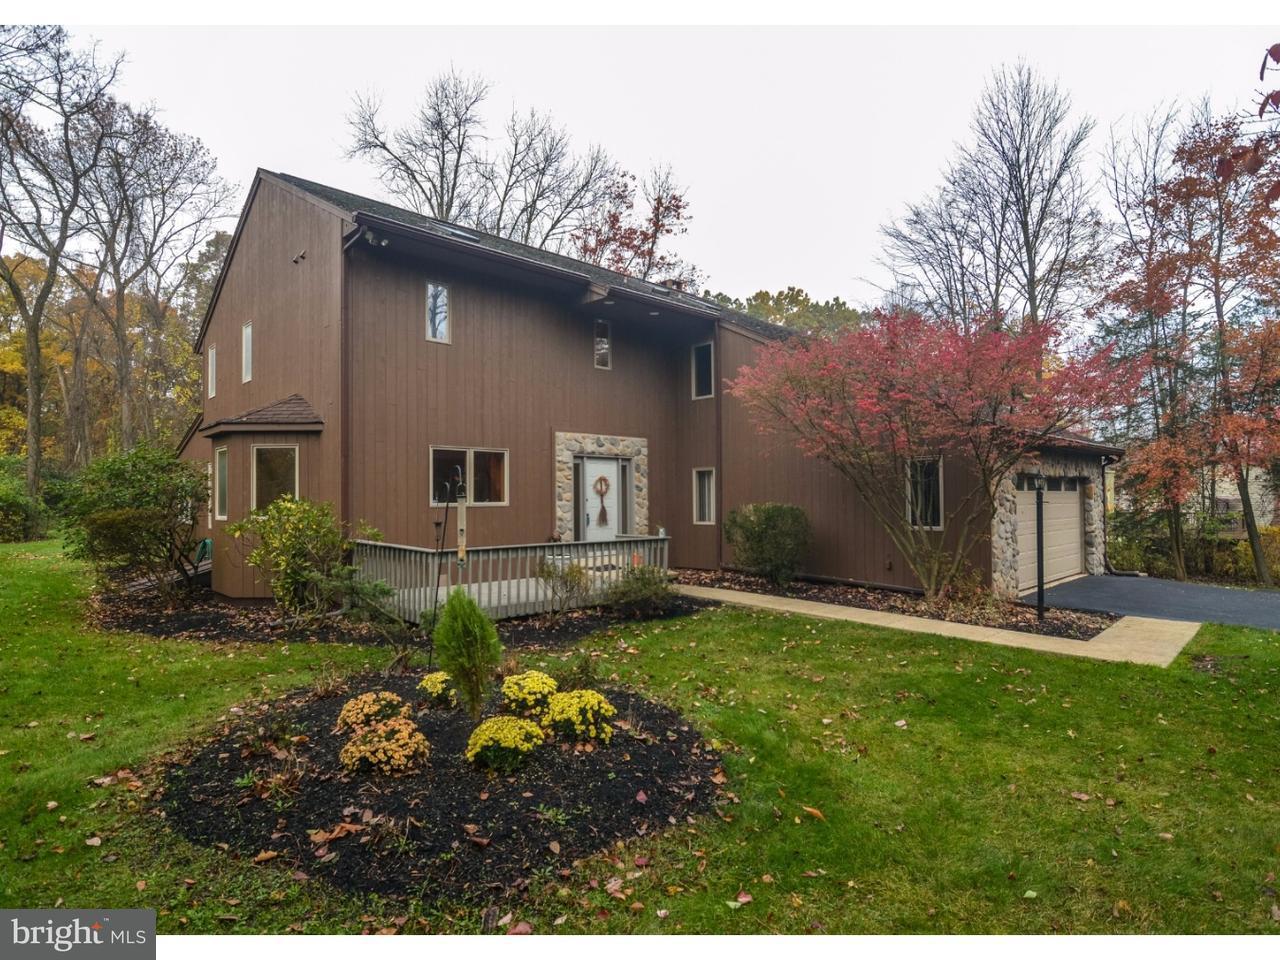 独户住宅 为 销售 在 44 CEPP Road Perkiomenville, 宾夕法尼亚州 18074 美国